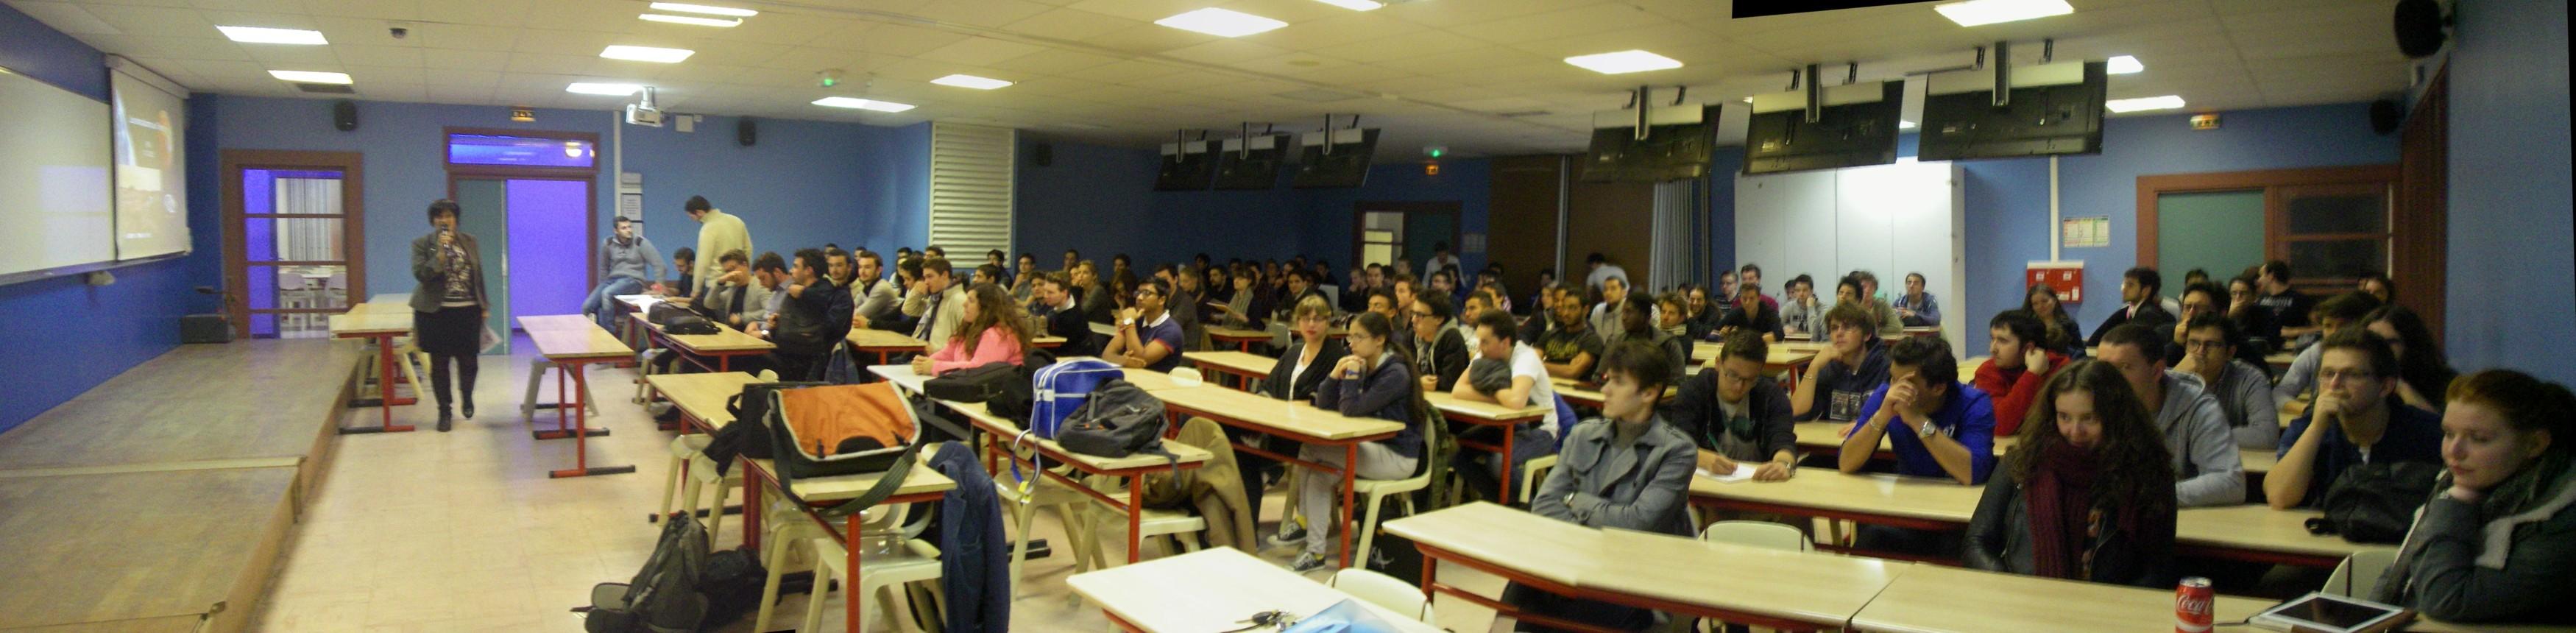 15 10 13 - 18h 35m 02s - Conférence IPSA sur les simulations_stitch